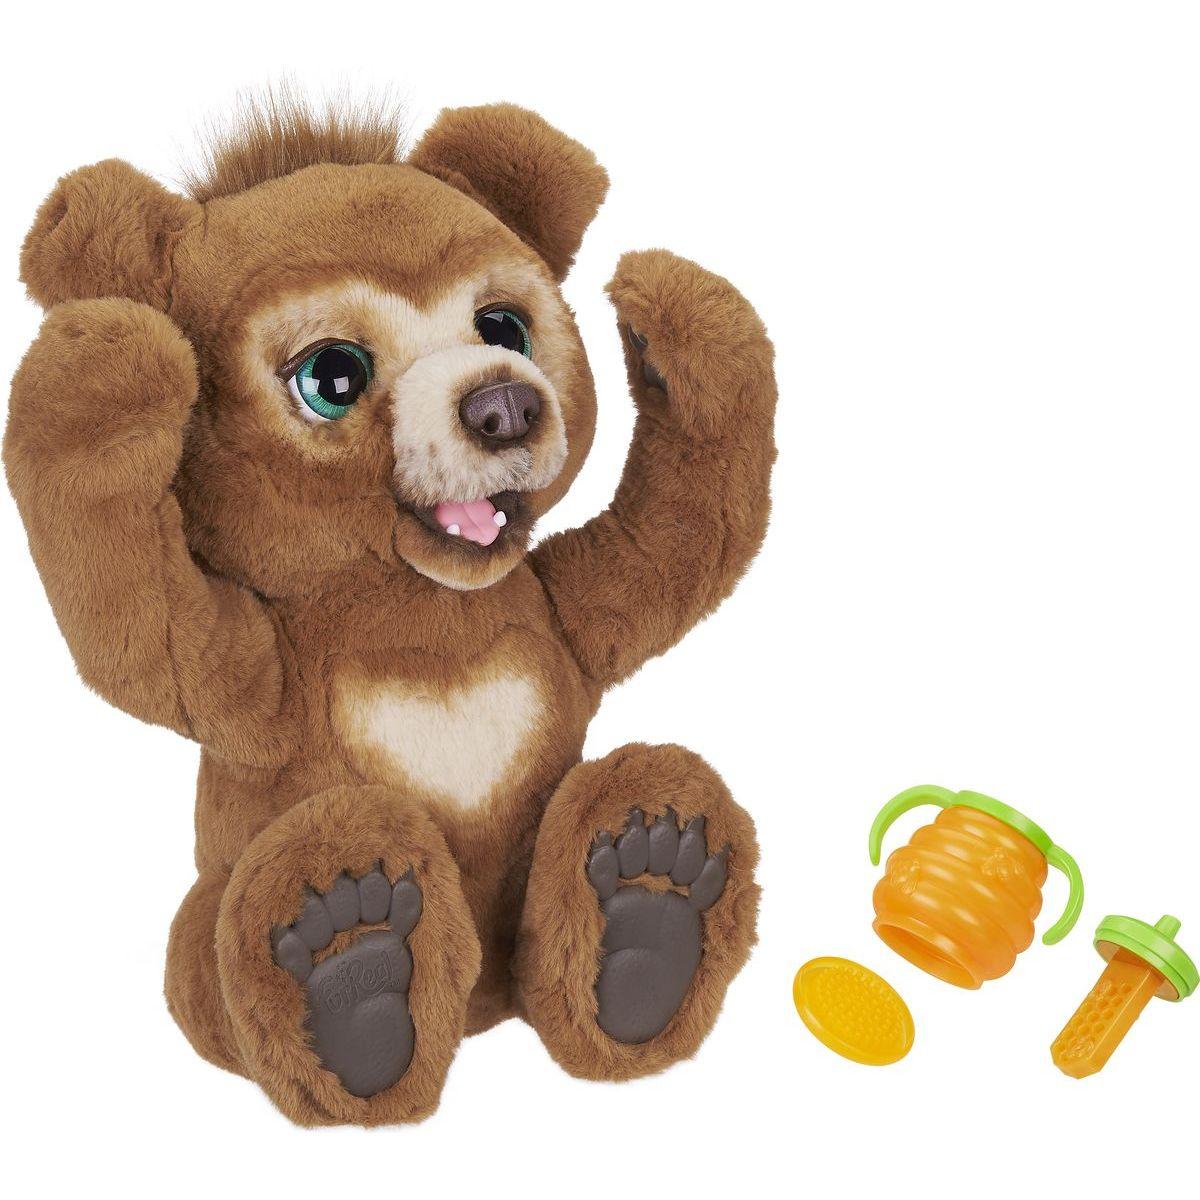 Hasbro FurReal Blueberry medvěd - Poškodený obal